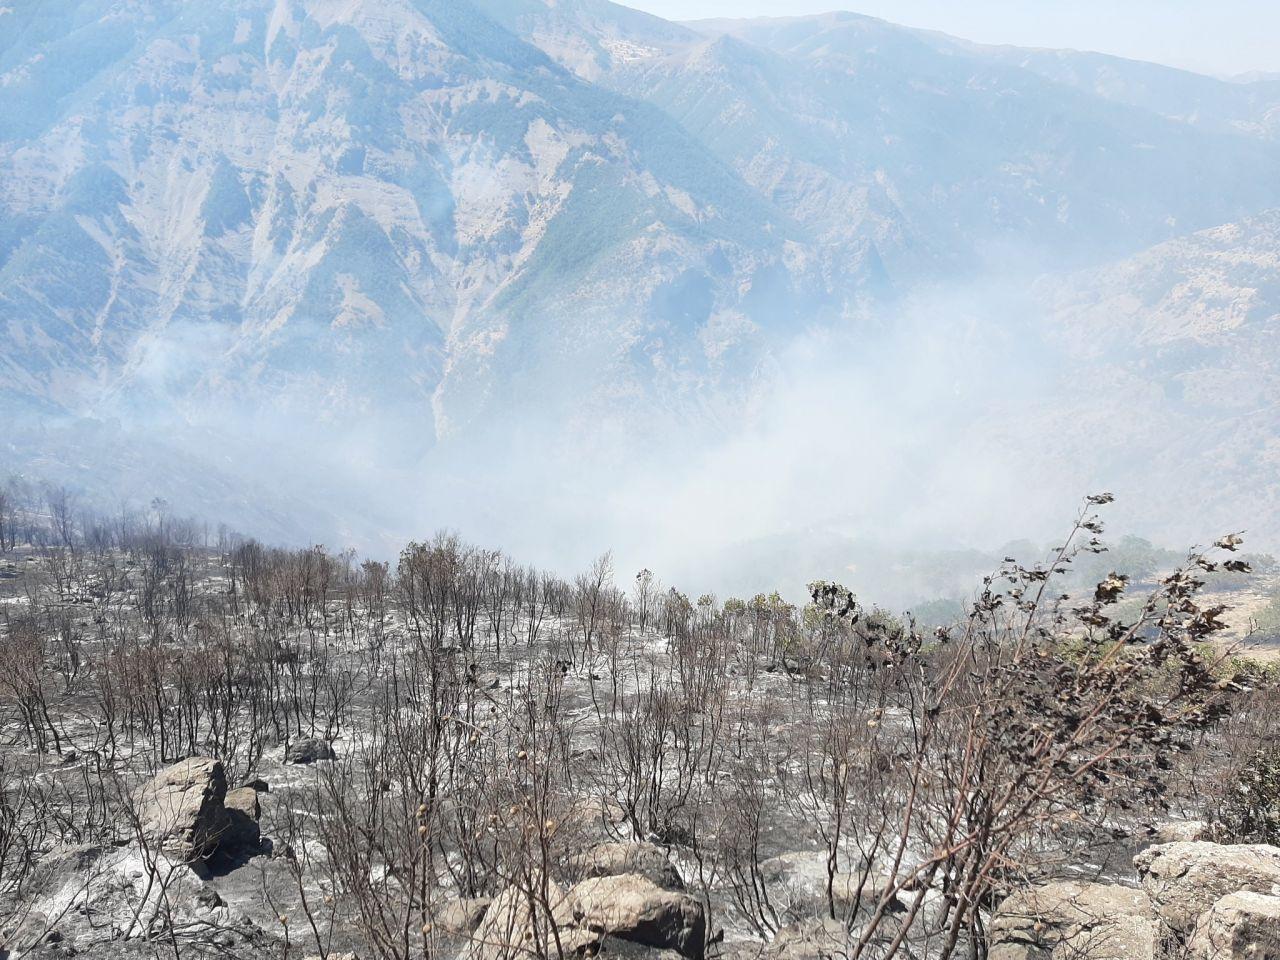 Selahattin Demirtaş'ın Tunceli'deki orman yangınlarıyla ilgili sözleri büyük tepki çekti. Nedim Şener tepki gösterdi - Sayfa:1